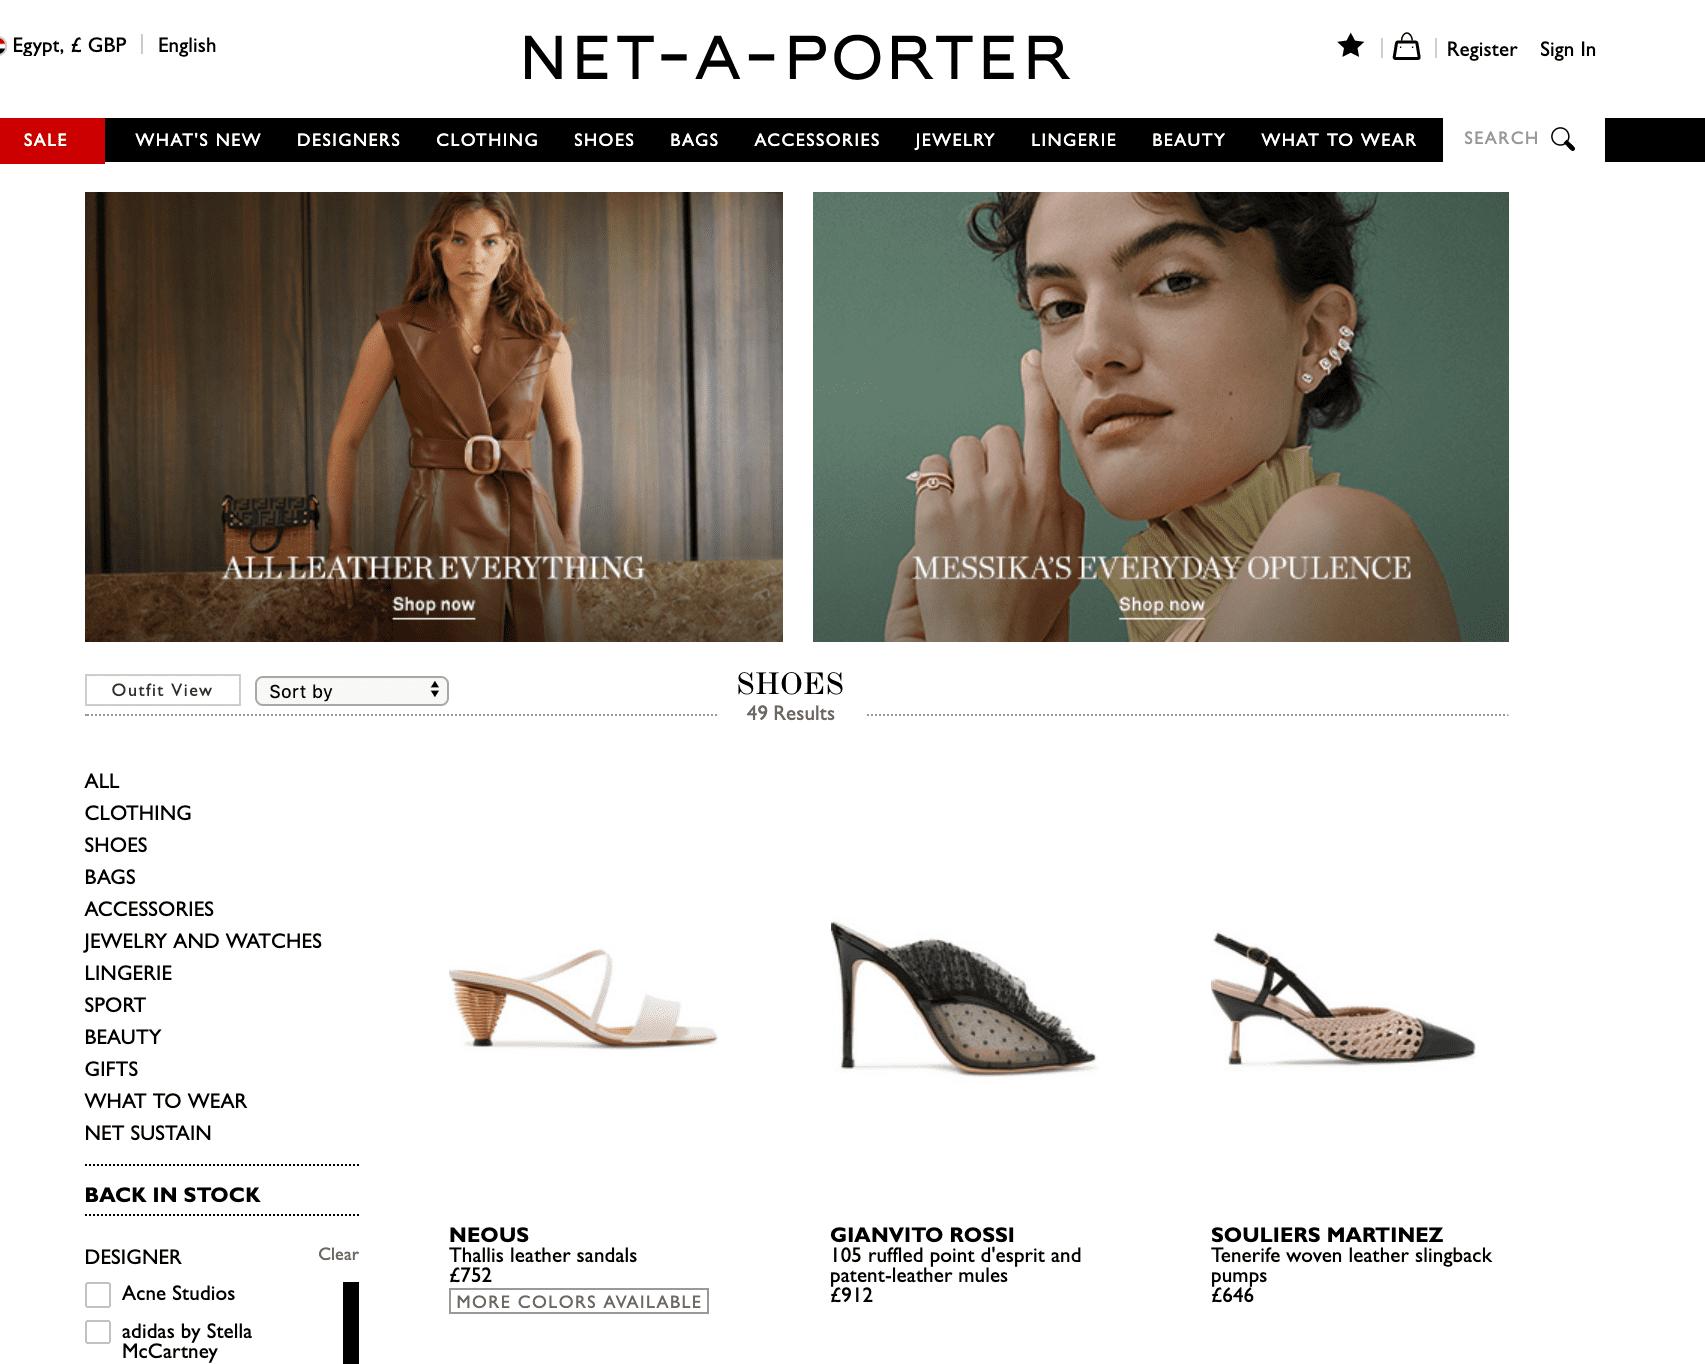 دليل التسوق لموقع نت-أ-بورتر لتسويق المنتجات الفاخرة عبر الإنترنت net-a-porter